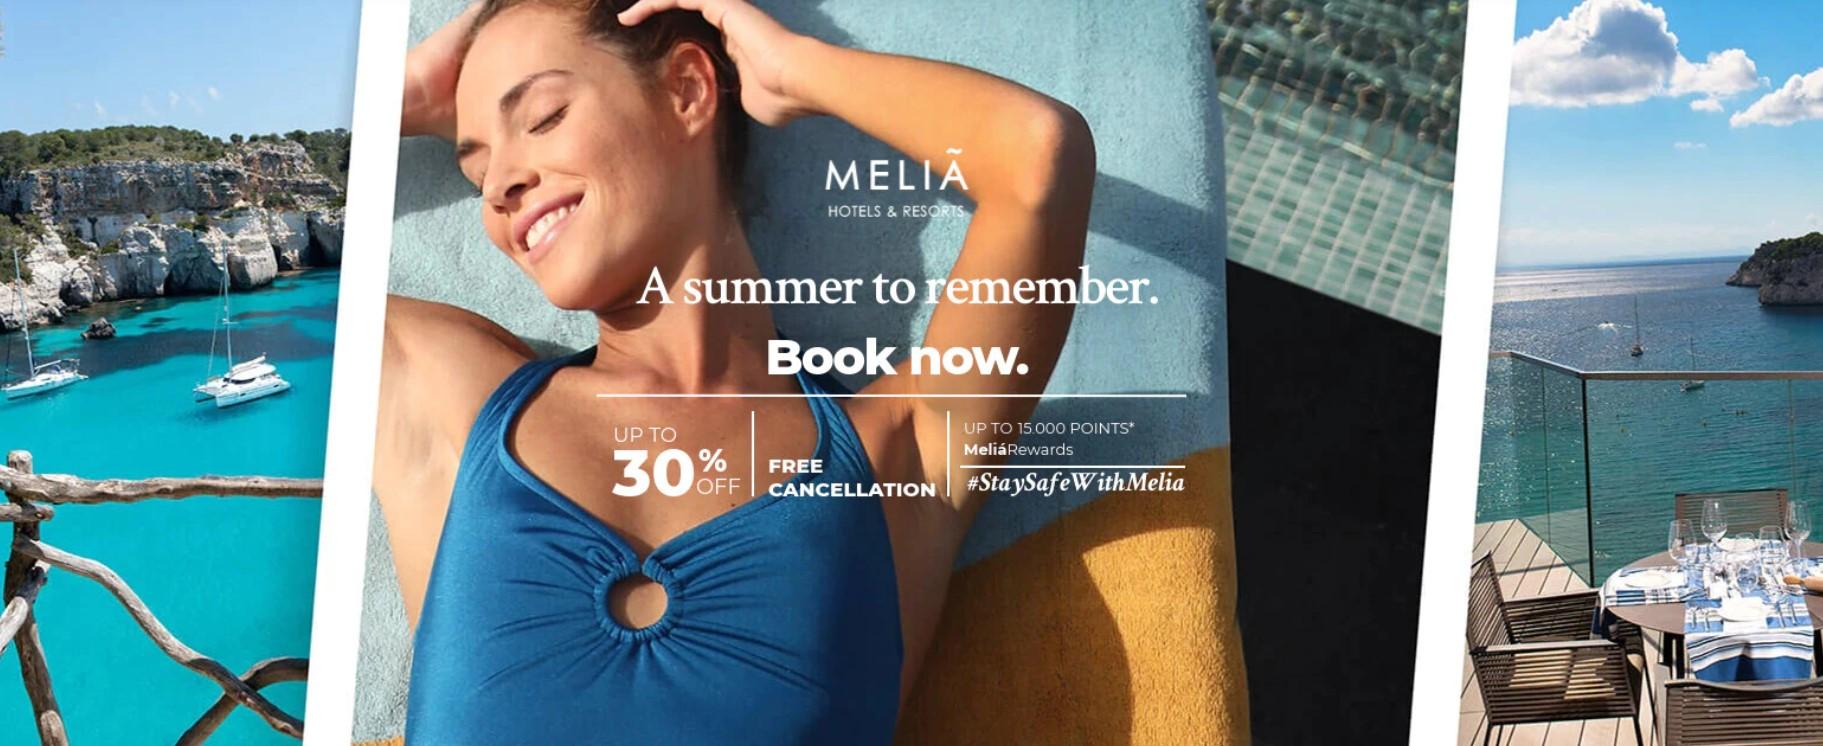 Скидка и бонусные баллы в отелях Melia